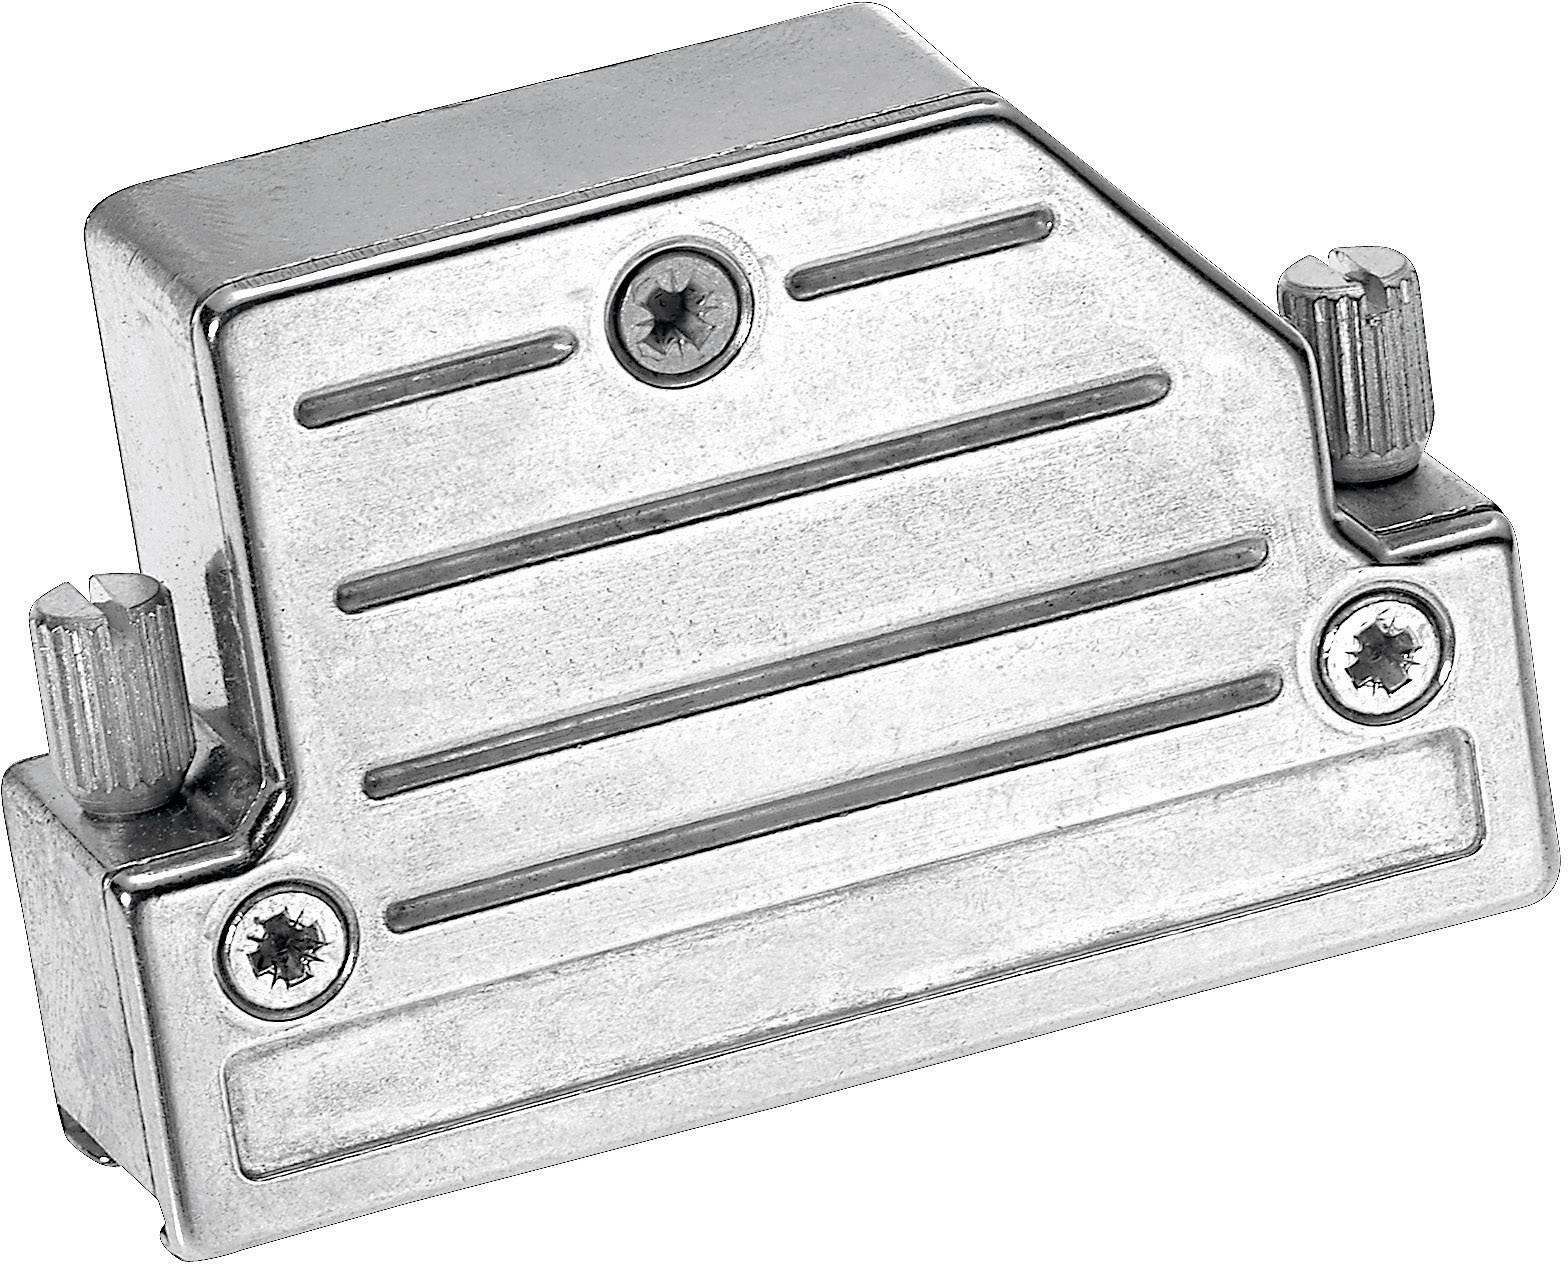 D-SUB pouzdro Provertha 4715DC25001 4715DC25001, Pólů: 15, kov, 45 °, stříbrná, 1 ks